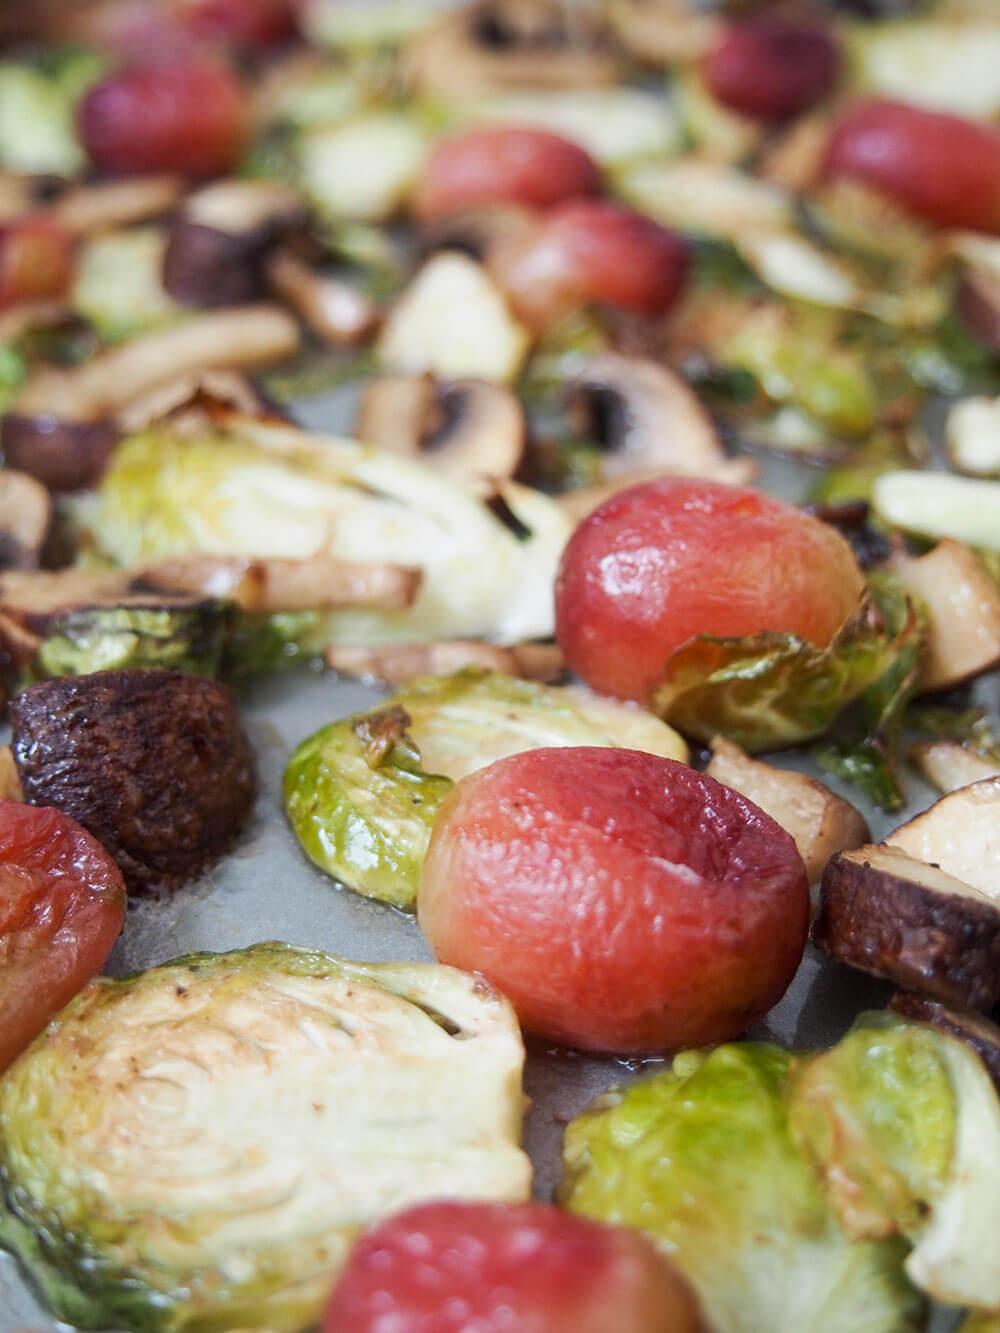 cooked vegetables for vegan lentil salad w roasted Brussels sprouts